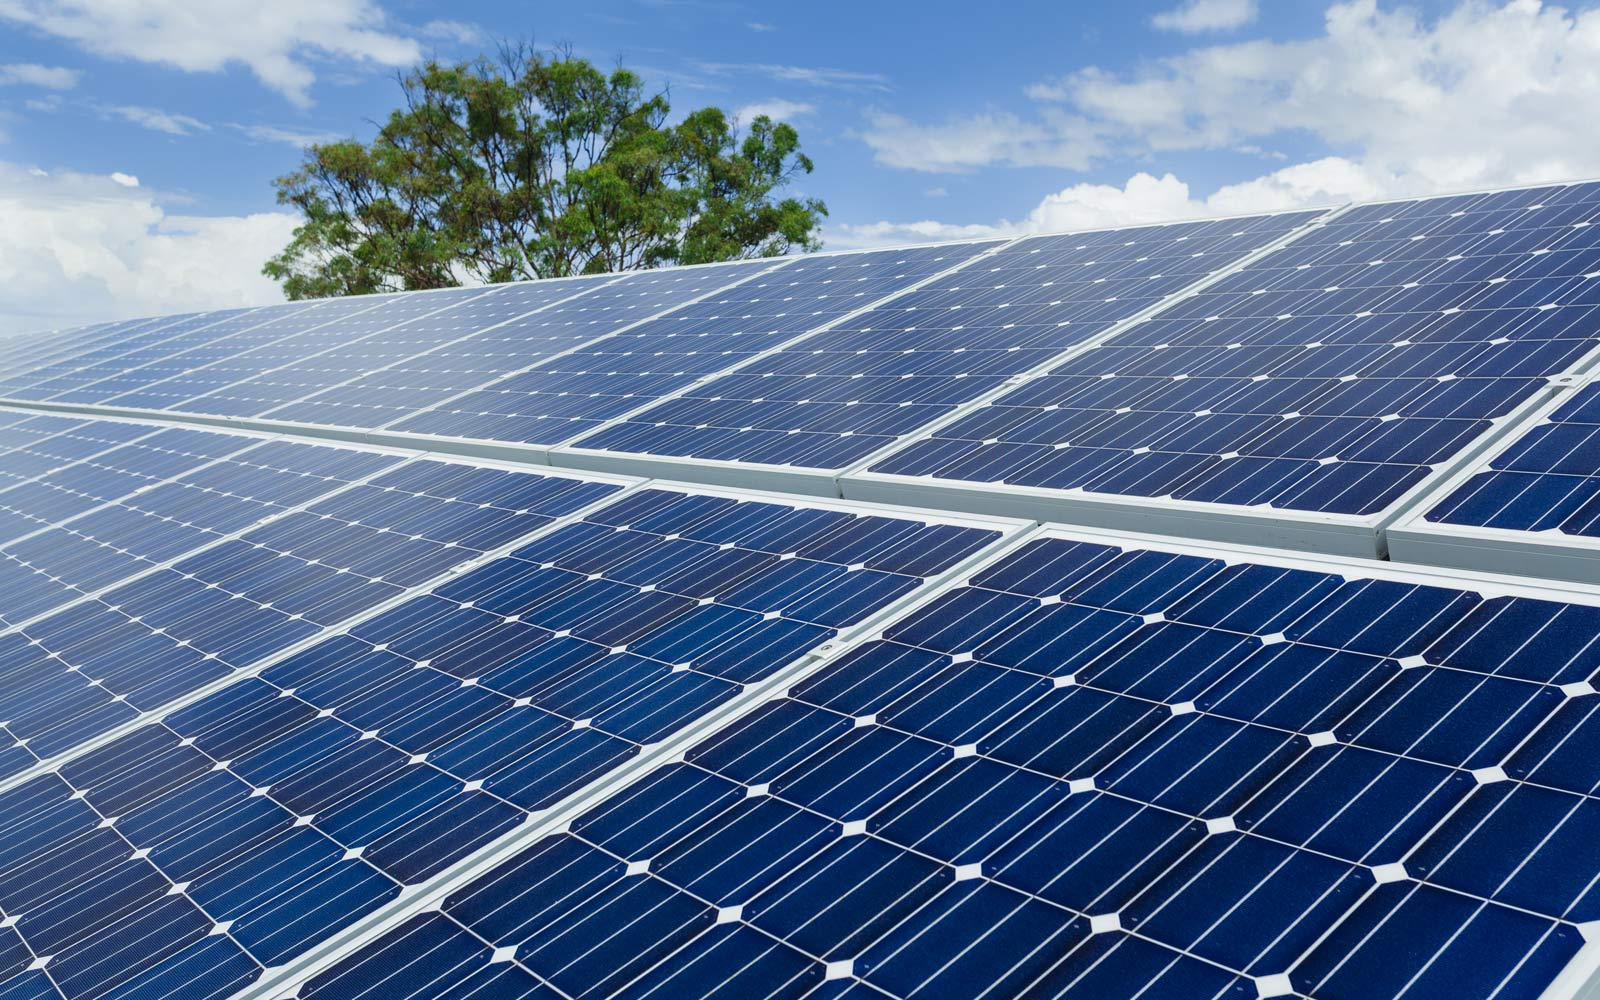 edinstalacije-solarni-paneli